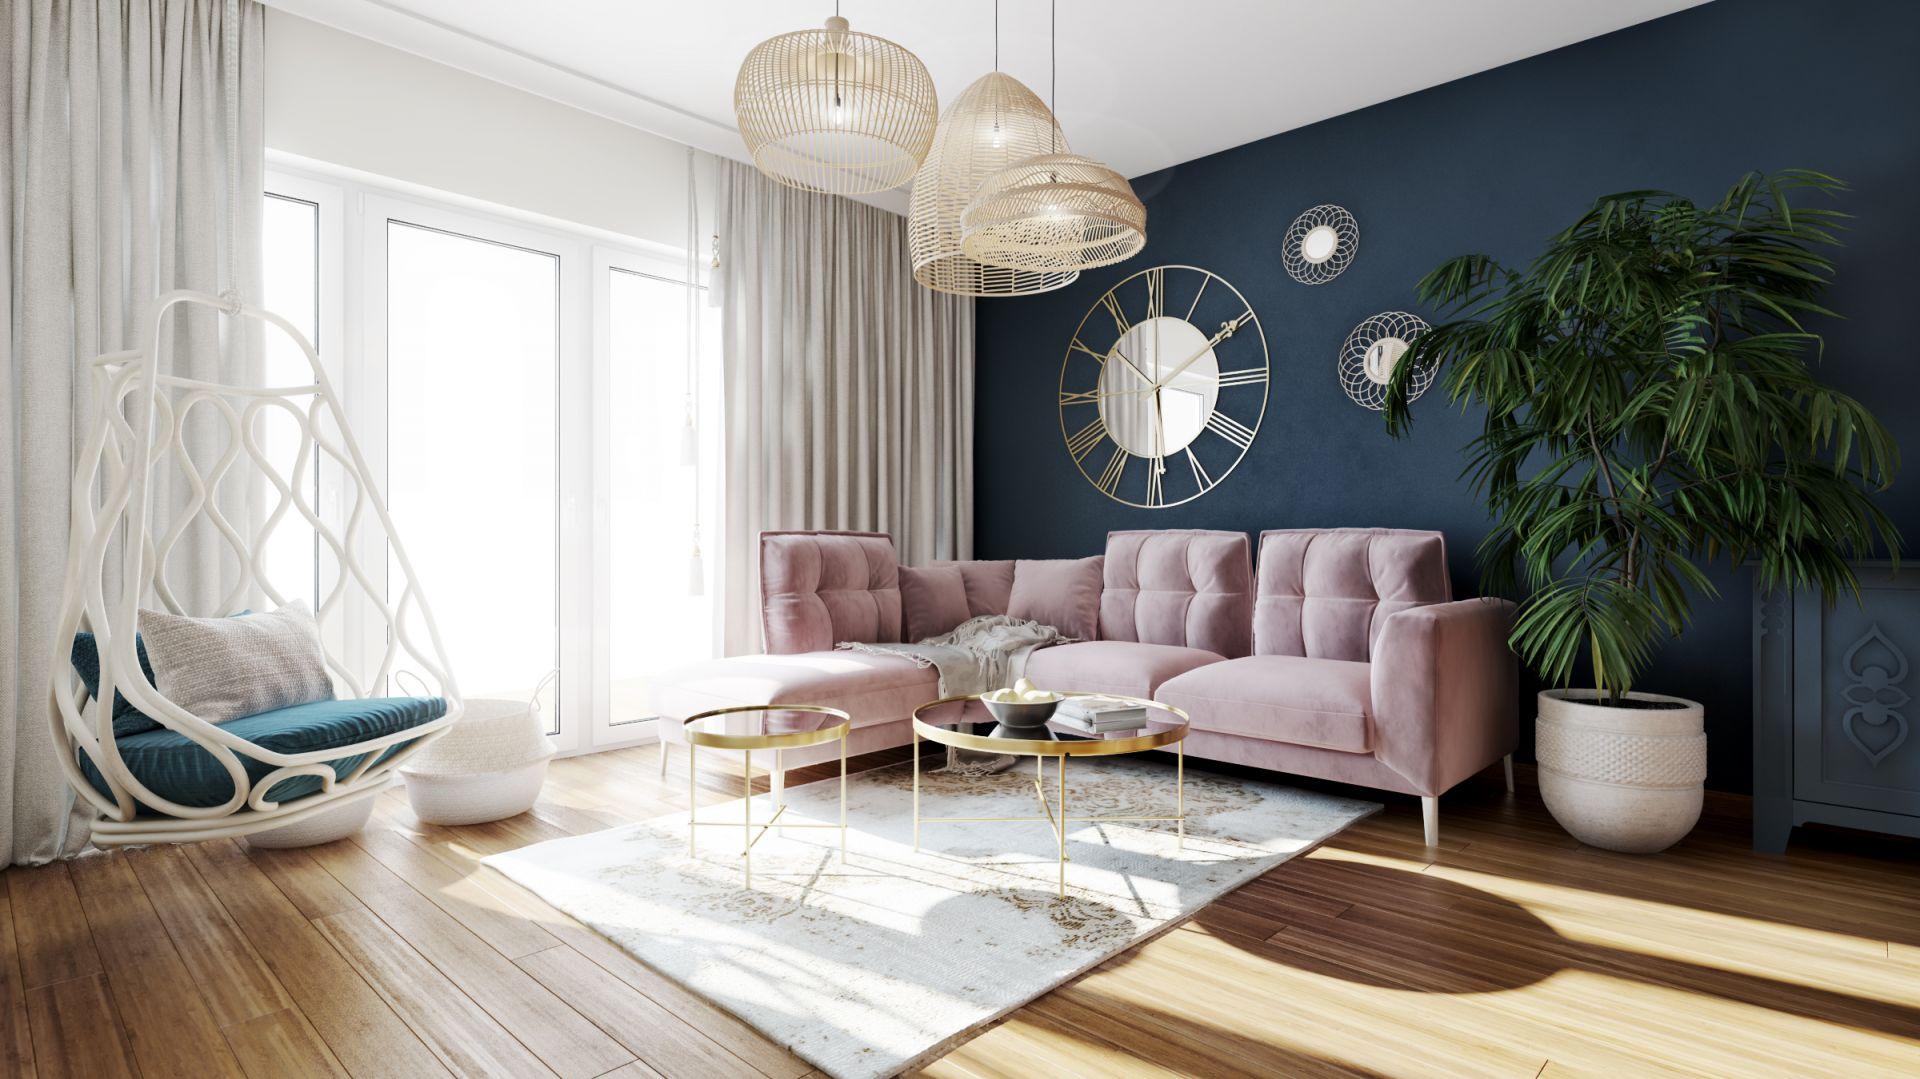 Piękne, przytulne mieszkanie salon. Projekt Marta Ogrodowczyk, Marta Piórkowska. Wizualizacja Elżbieta Paćkowska